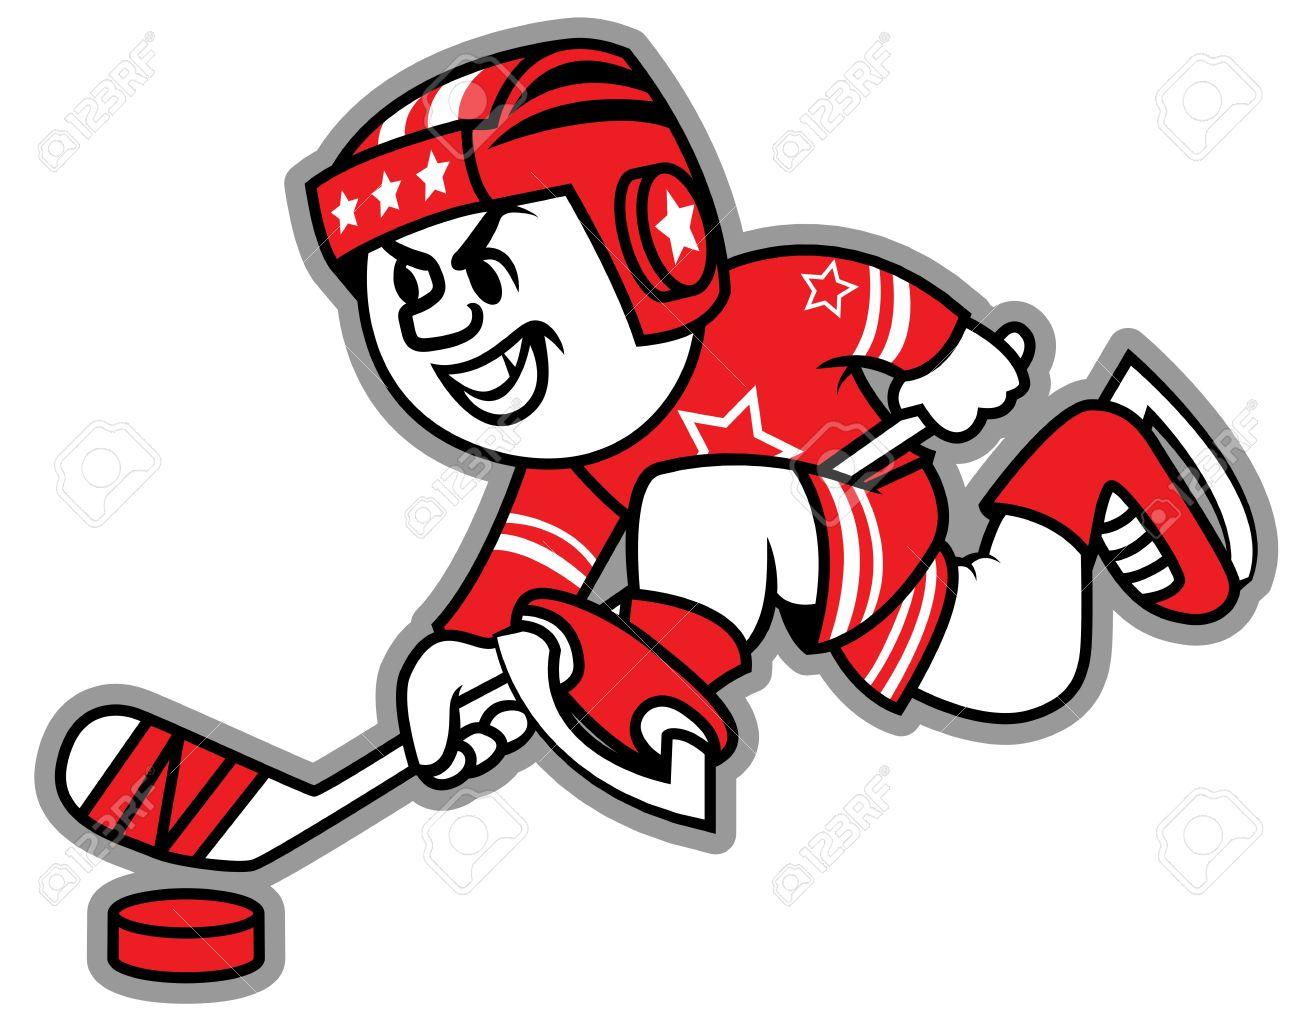 878 Logo Hockey Team Cliparts, Stock Vector And Royalty Free Logo.